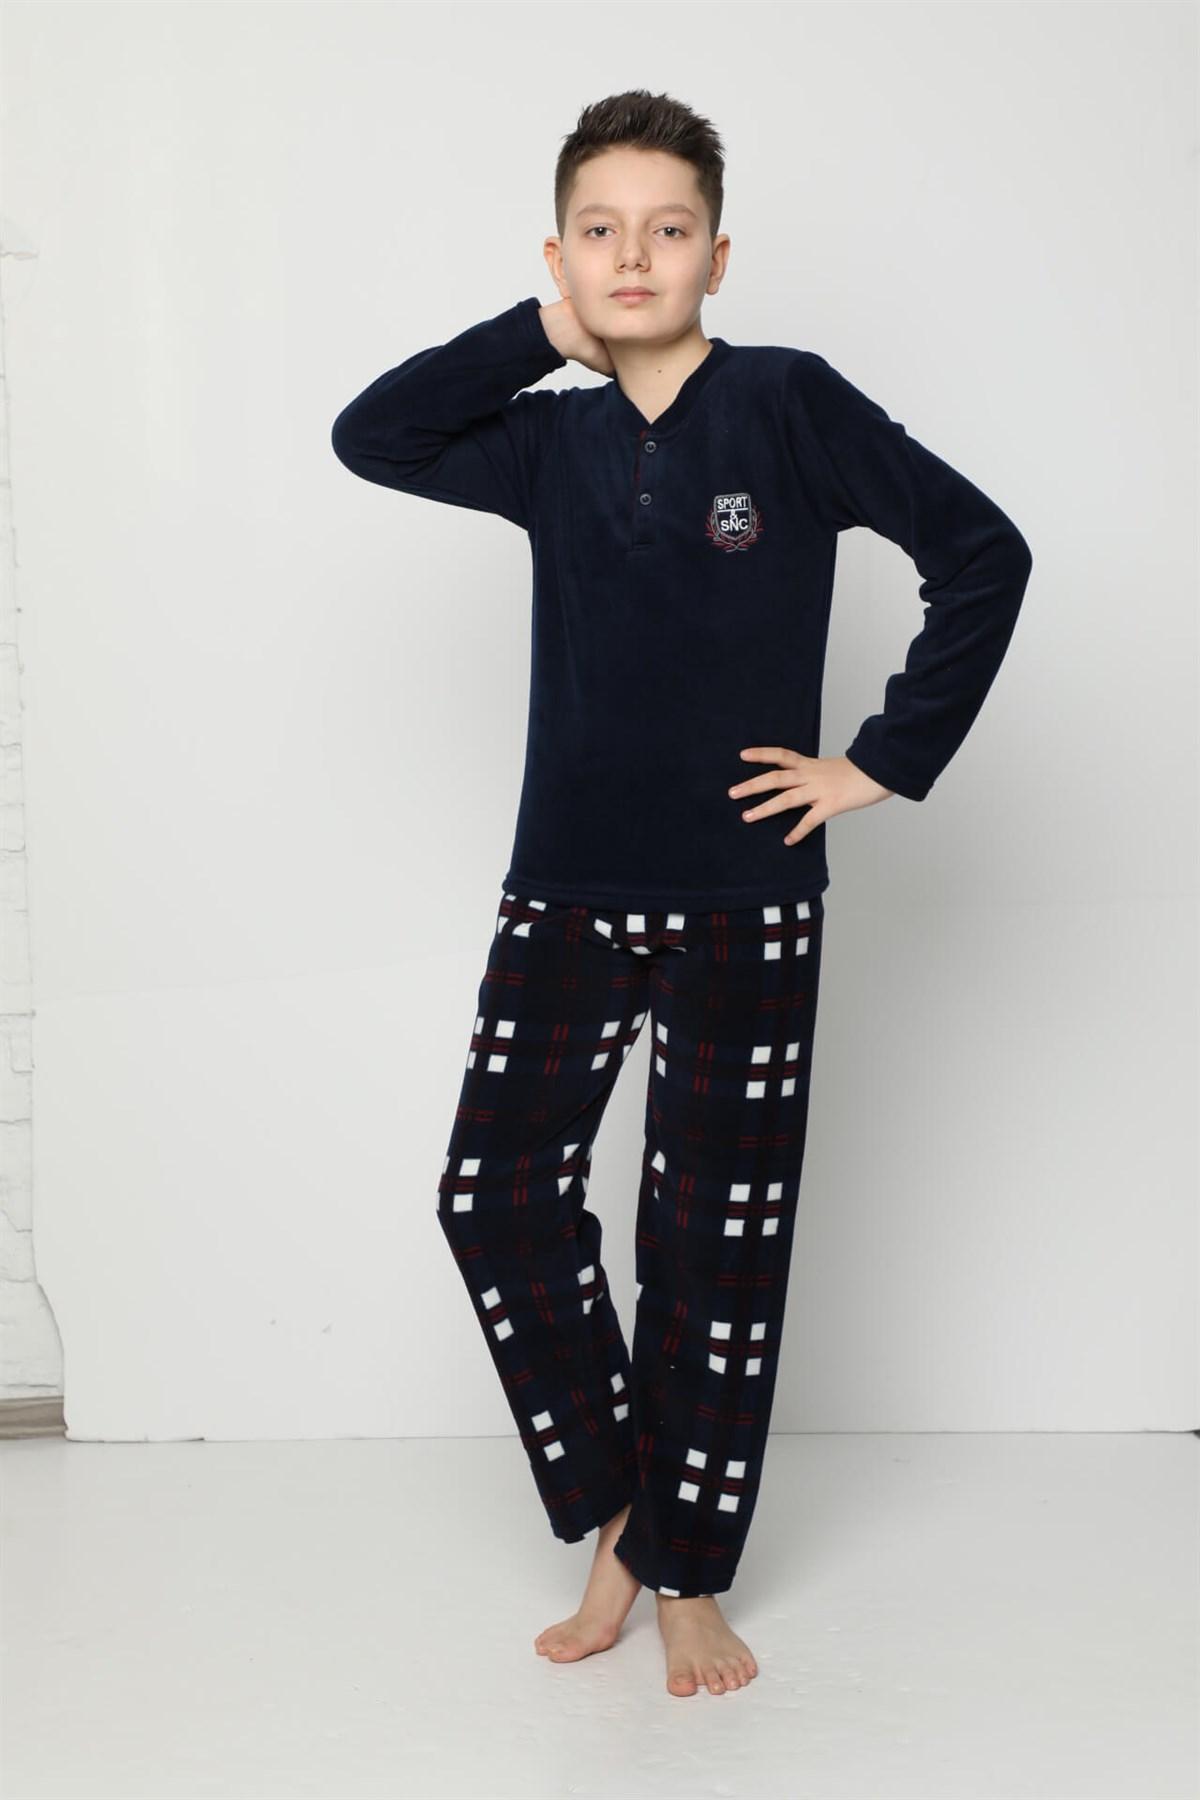 - WelSoft Polar Erkek Çocuk Pijama Takımı 4529 (1)